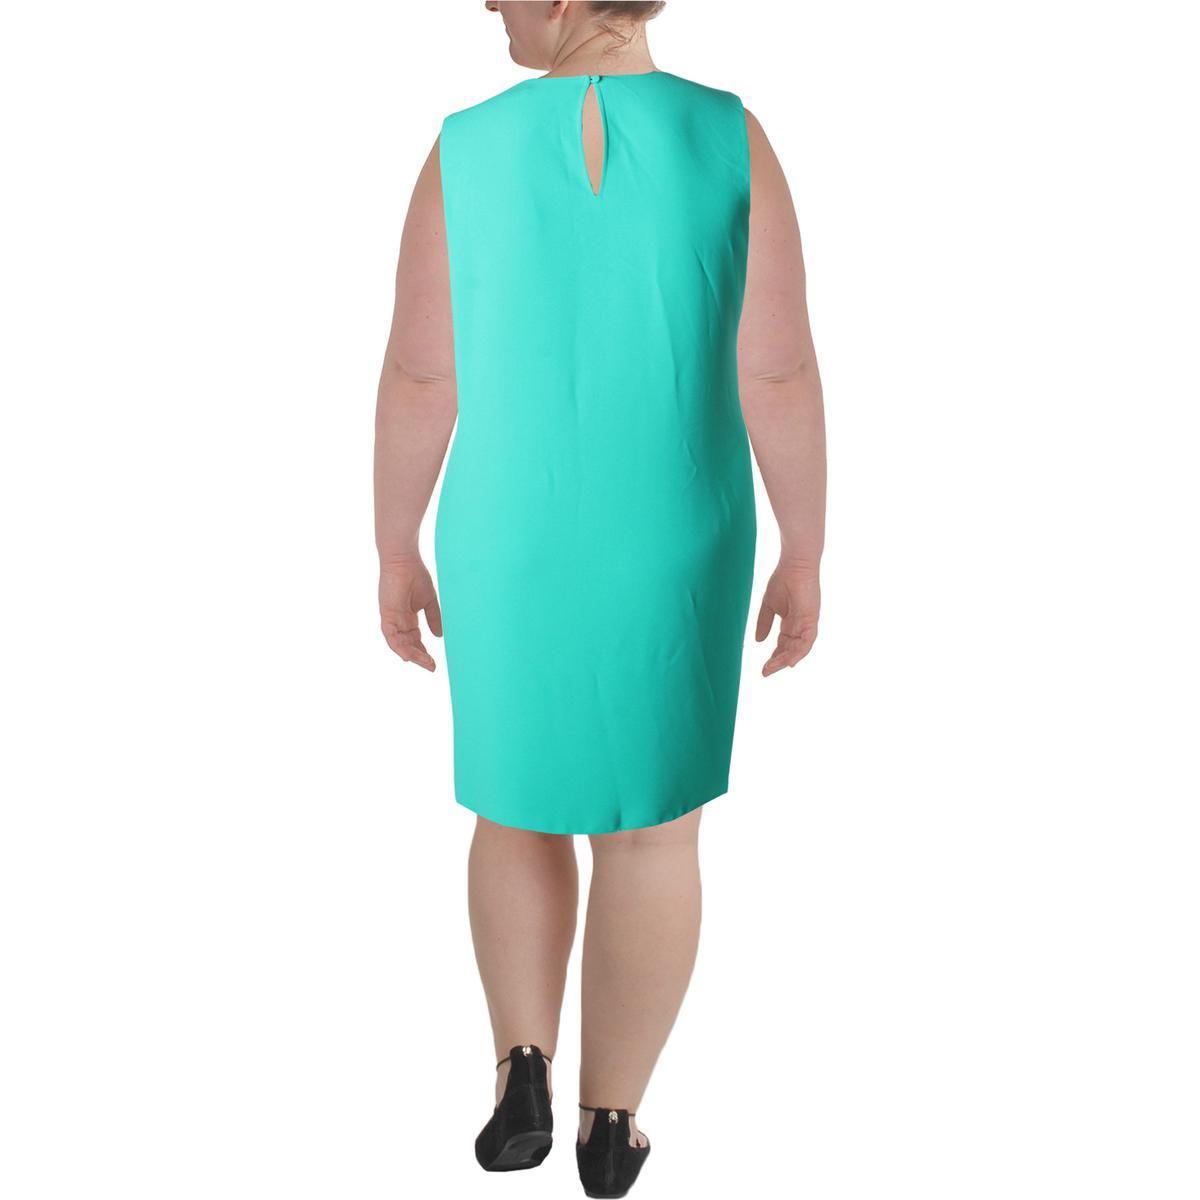 43f4f0d2fa ... Womens Plus Casual Ruffled Wear To Work Dress - Lyst. View fullscreen